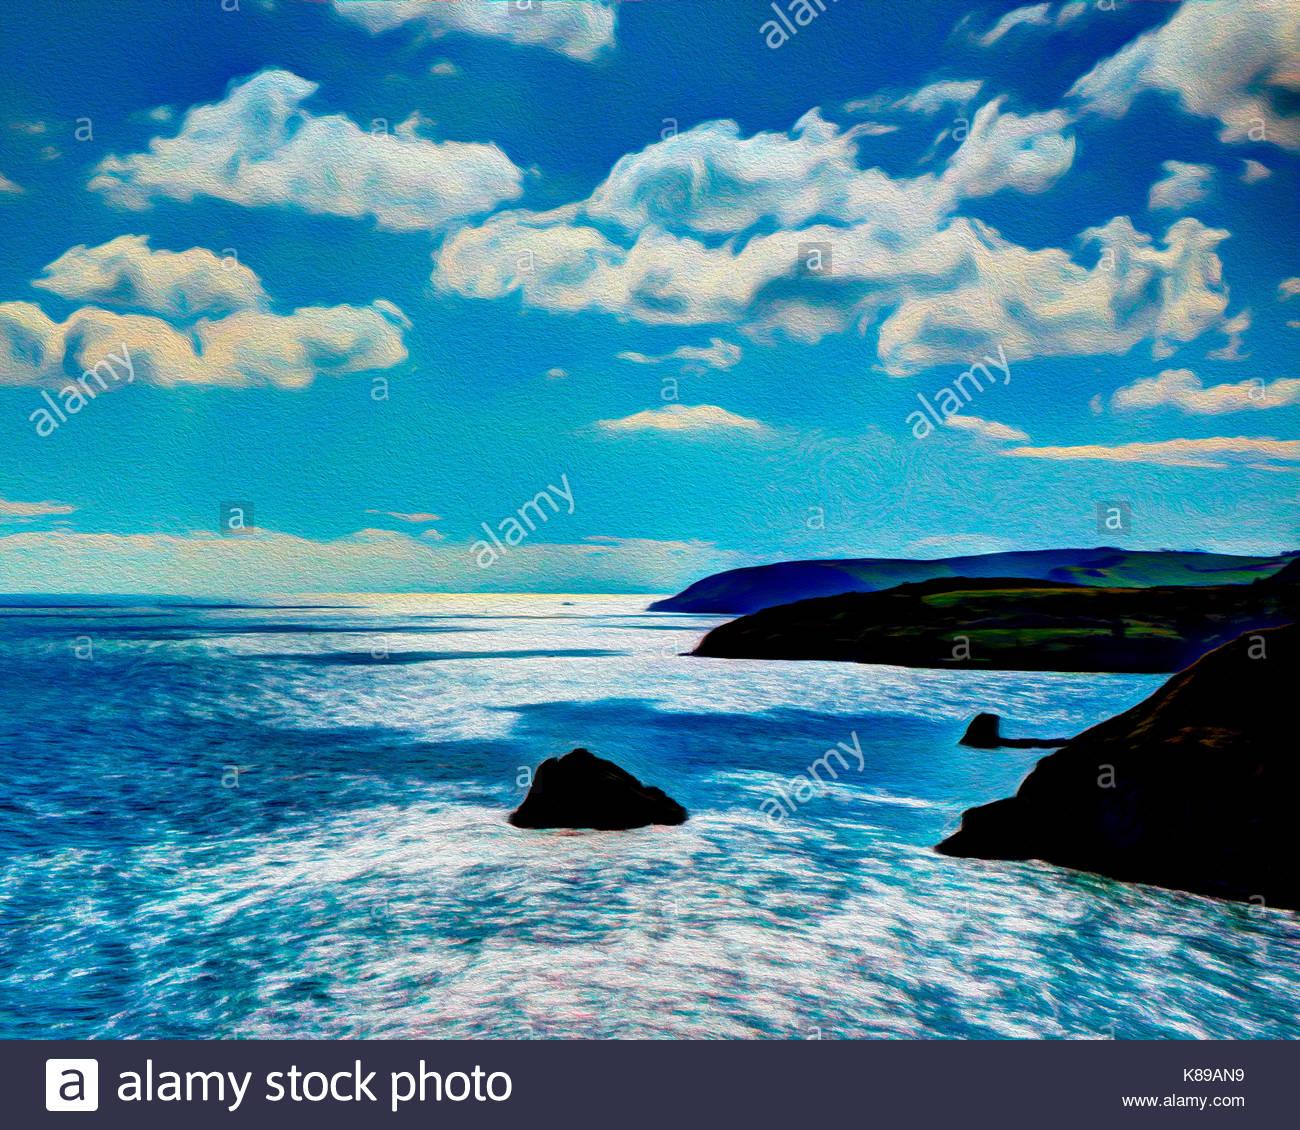 Arte Digital: Visto desde la costa oeste del país, cerca de la cabeza de Baya Brixham, Devon, Gran Bretaña Imagen De Stock